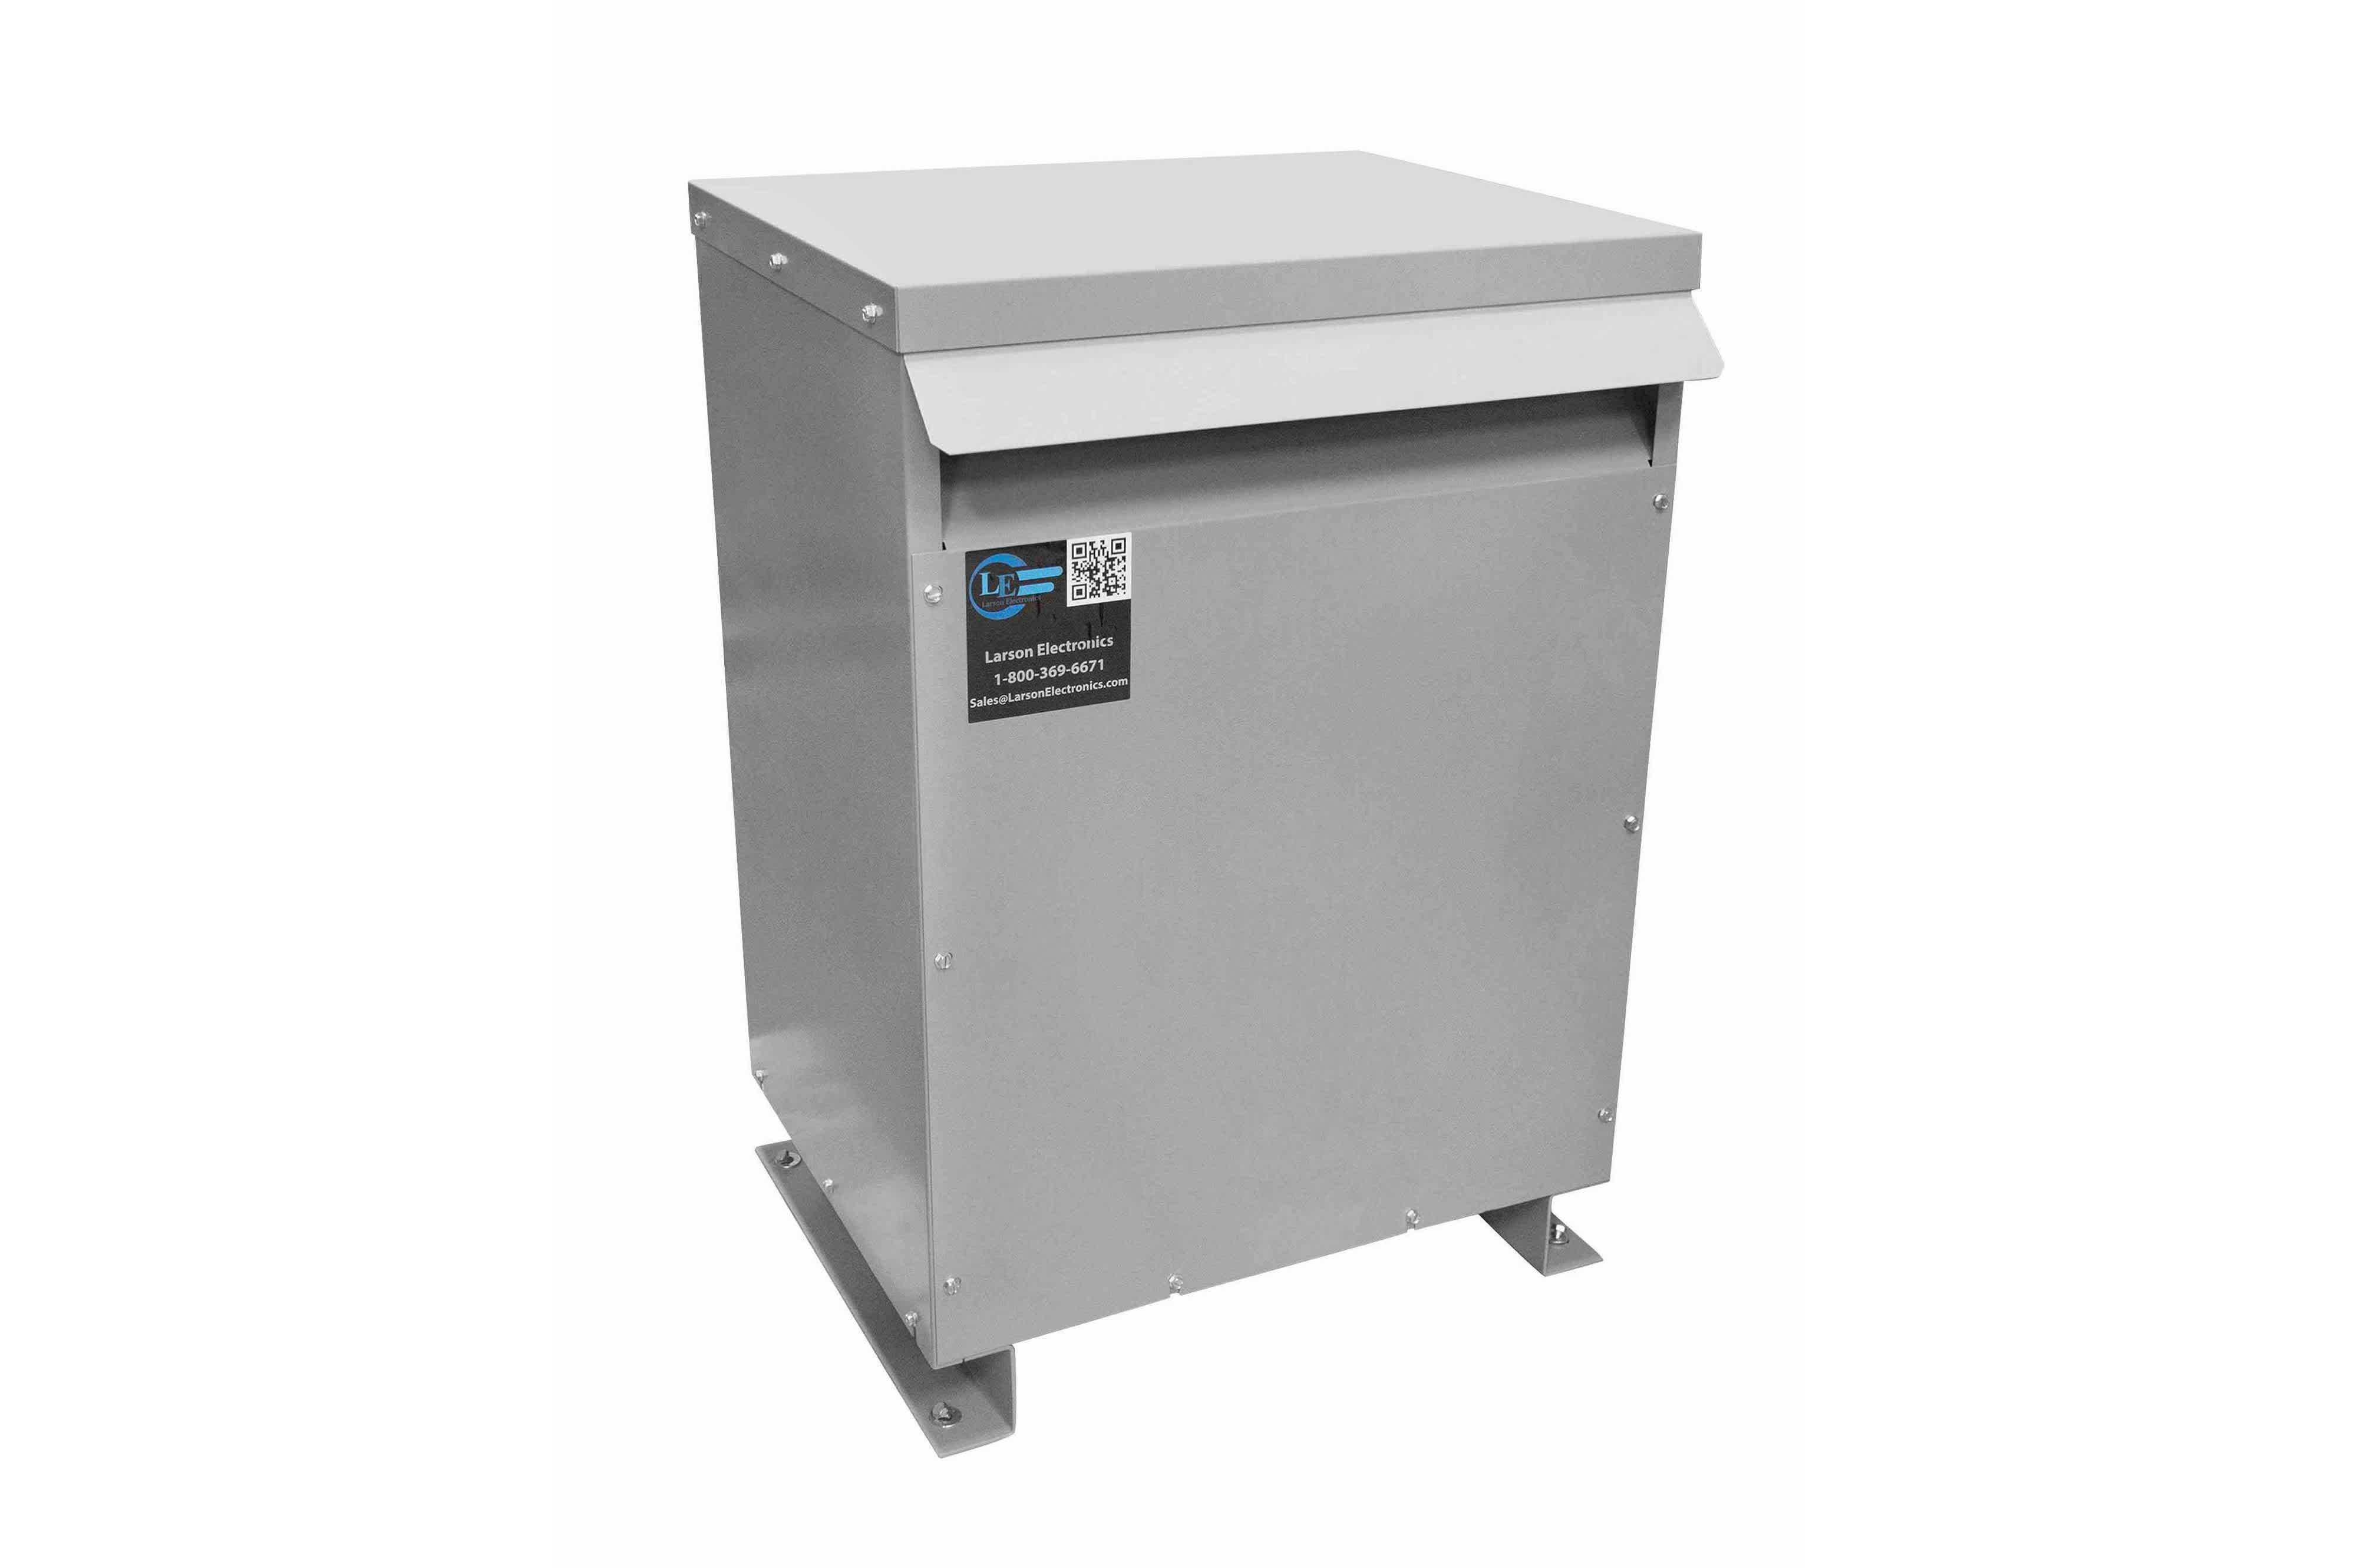 25 kVA 3PH Isolation Transformer, 460V Delta Primary, 380V Delta Secondary, N3R, Ventilated, 60 Hz